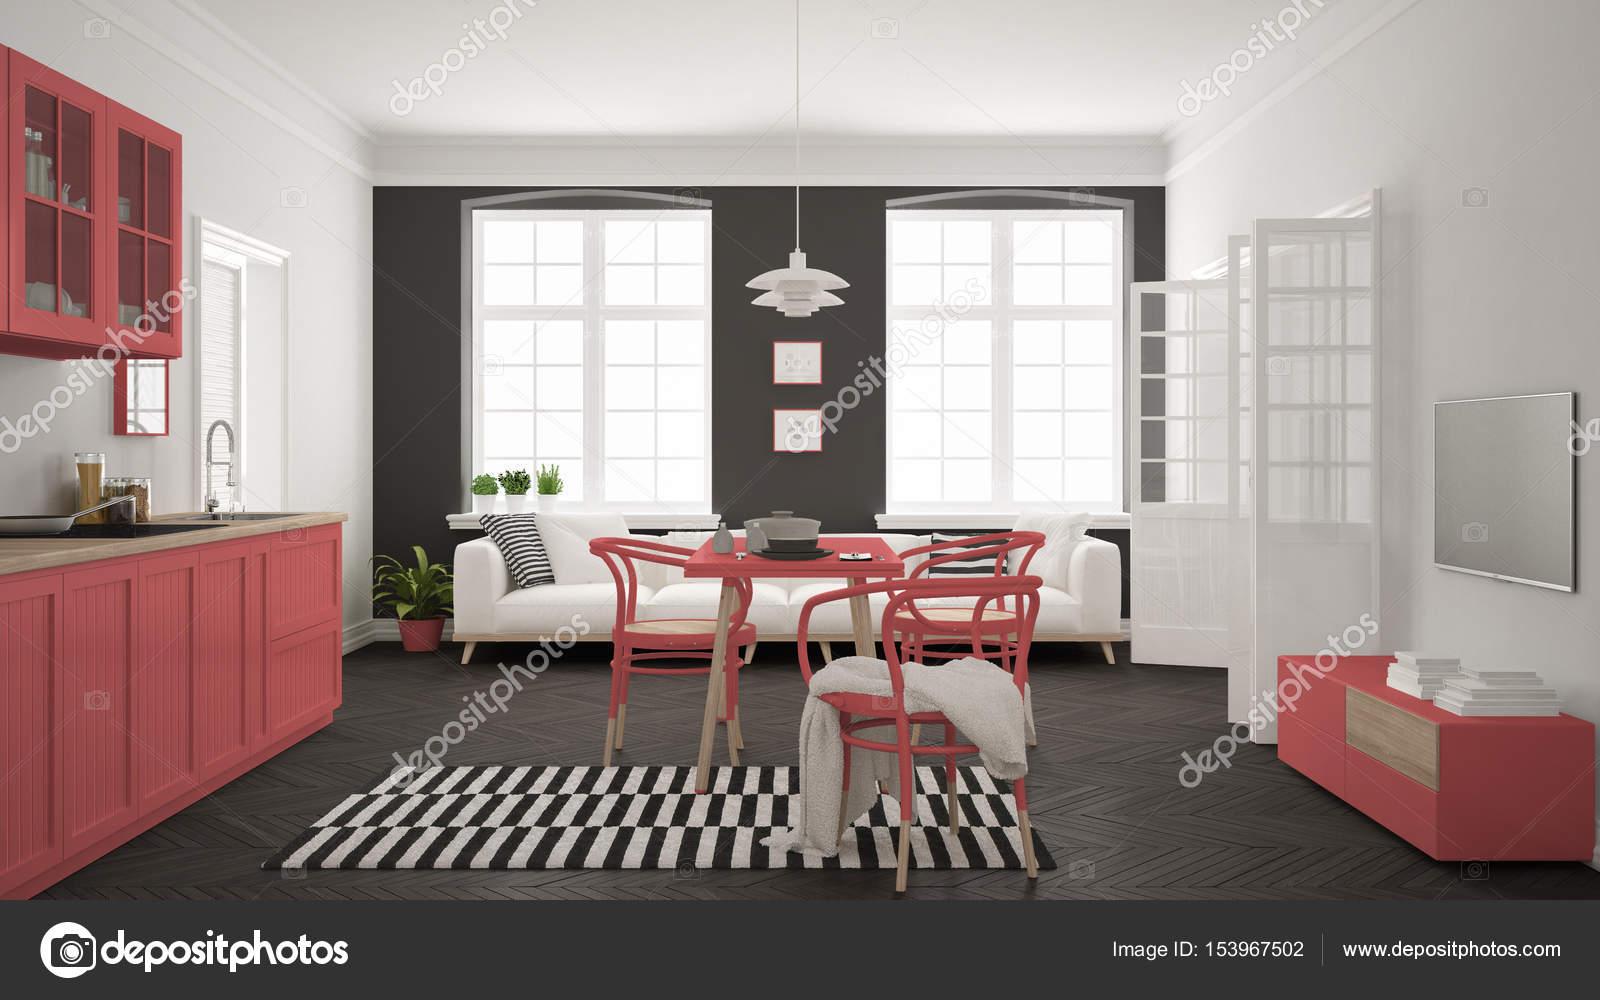 Minimalista E Moderna Cozinha Com Mesa De Jantar E Sala De Estar